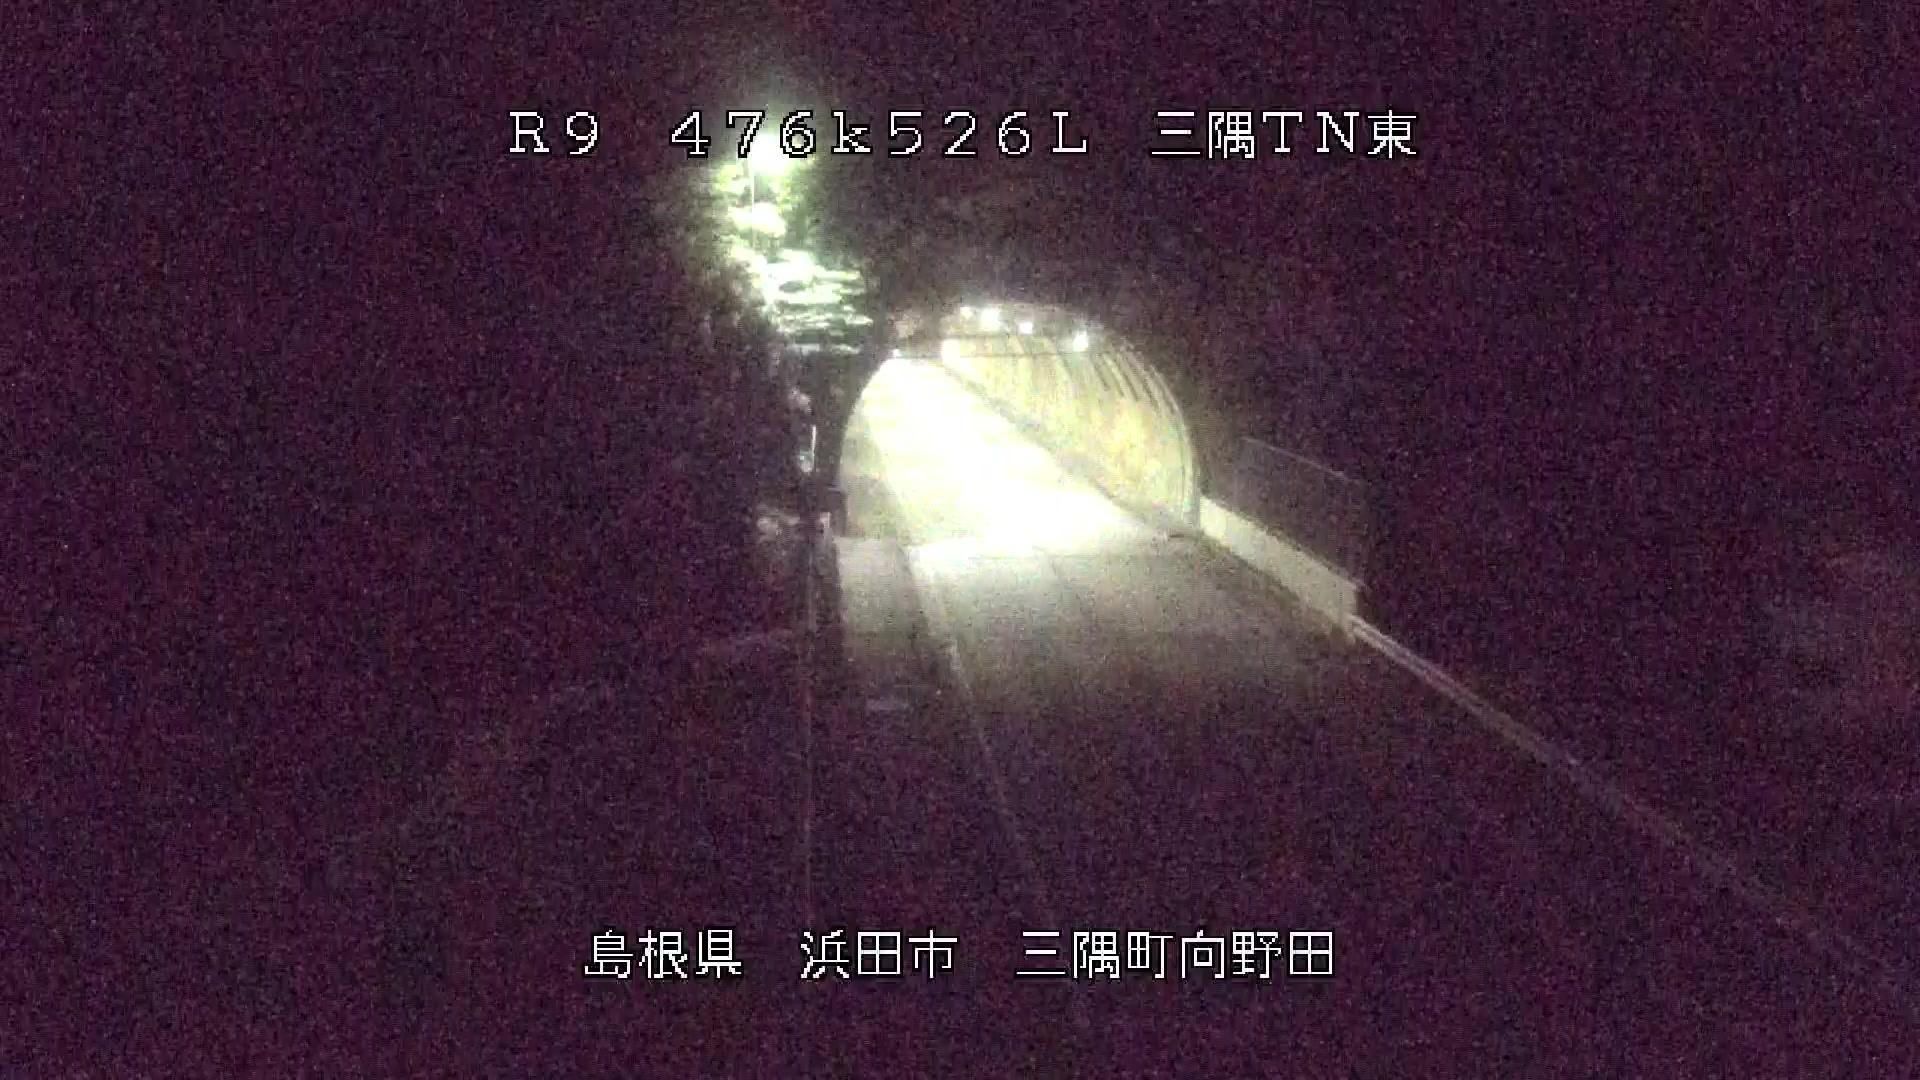 国道9号線 三隅トンネル東(島根県浜田市三隅町向野田)ライブカメラ